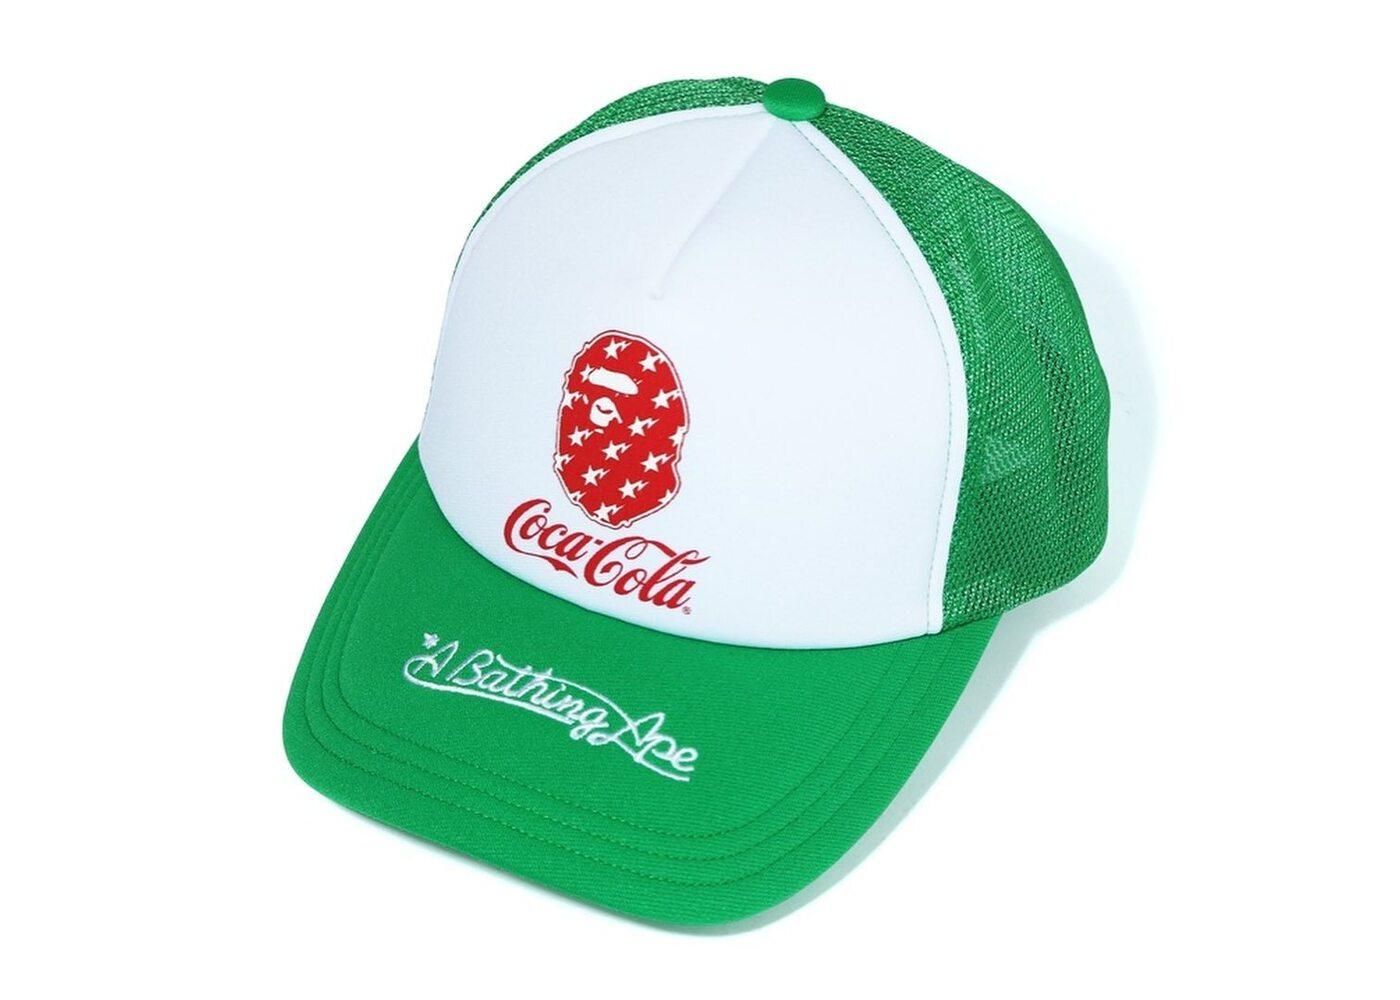 Bape x Coca Cola Mesh Cap Green (SS20)の写真